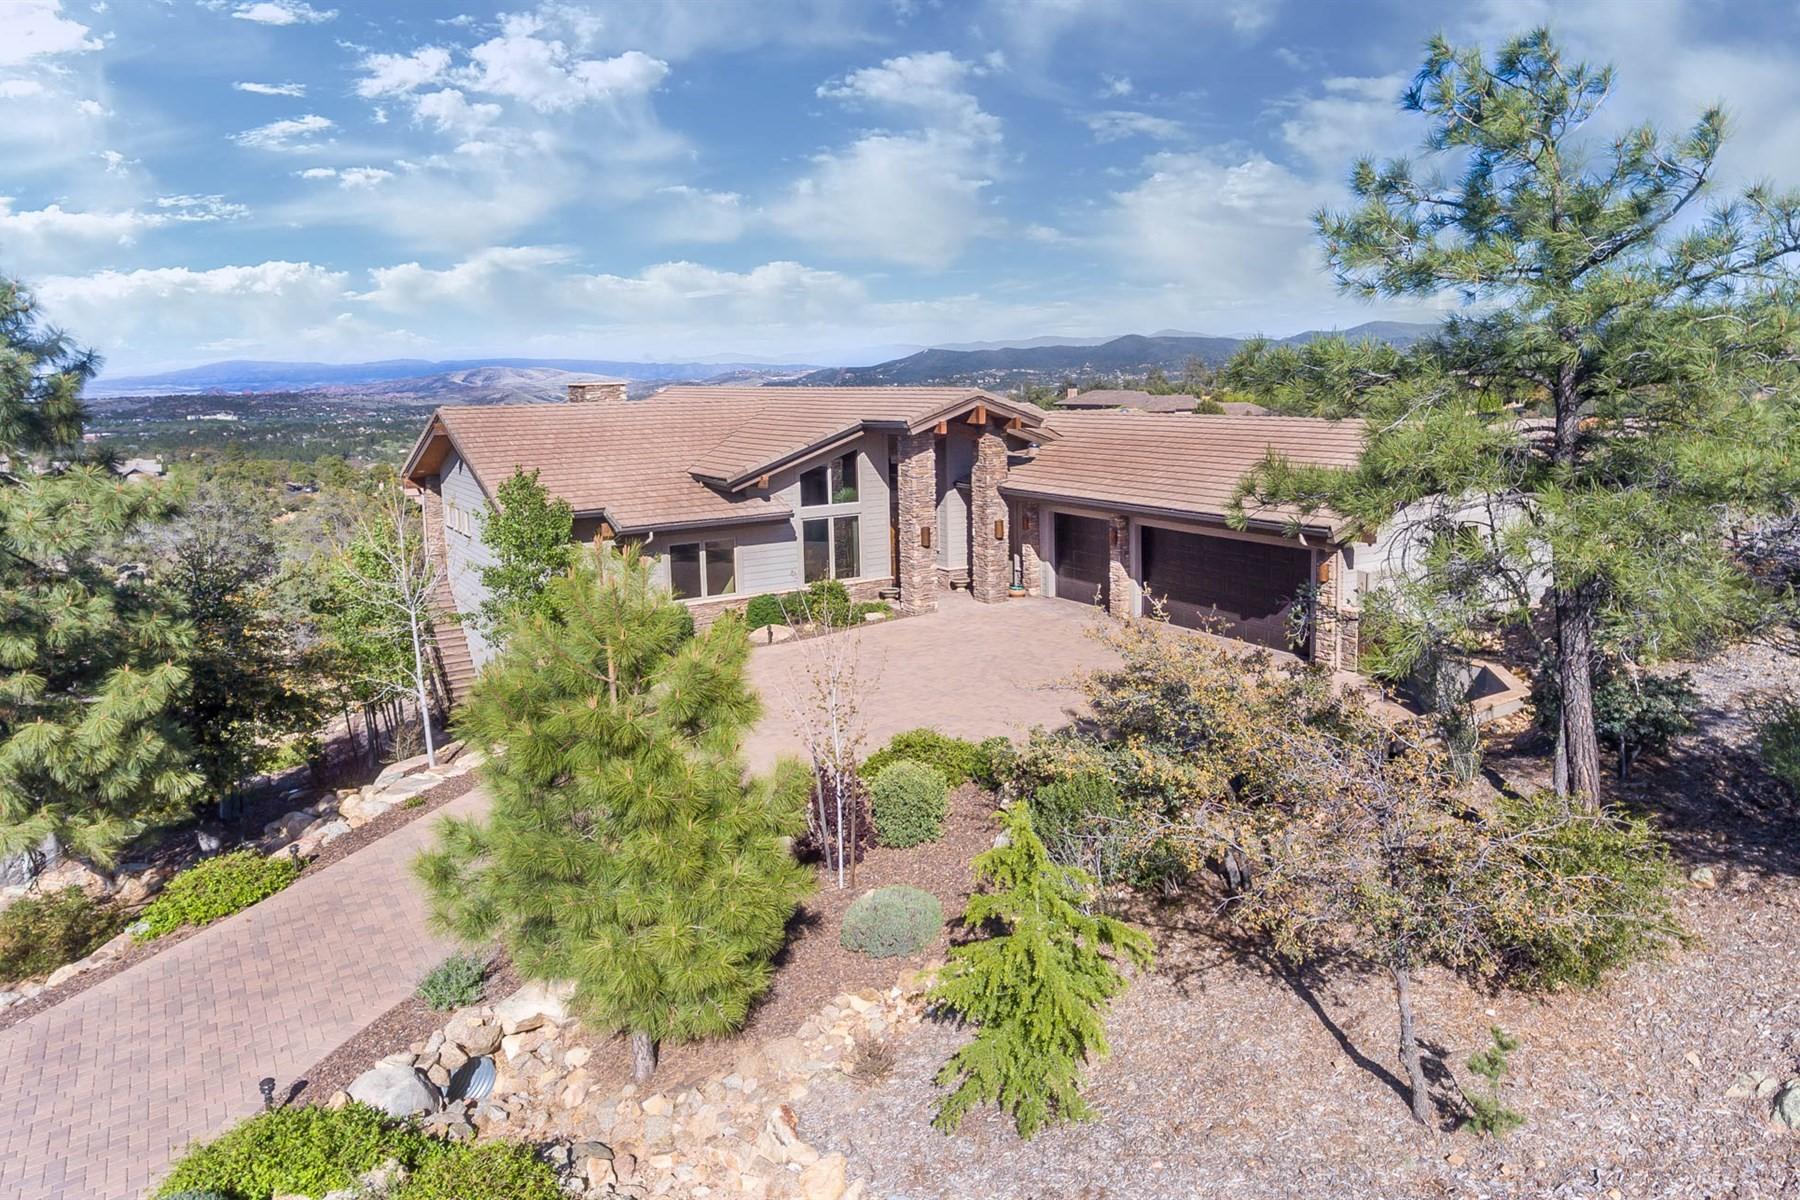 Maison unifamiliale pour l Vente à Custom 2-story home with amazing views 871 Mavrick Mountain Tr Prescott, Arizona, 86303 États-Unis